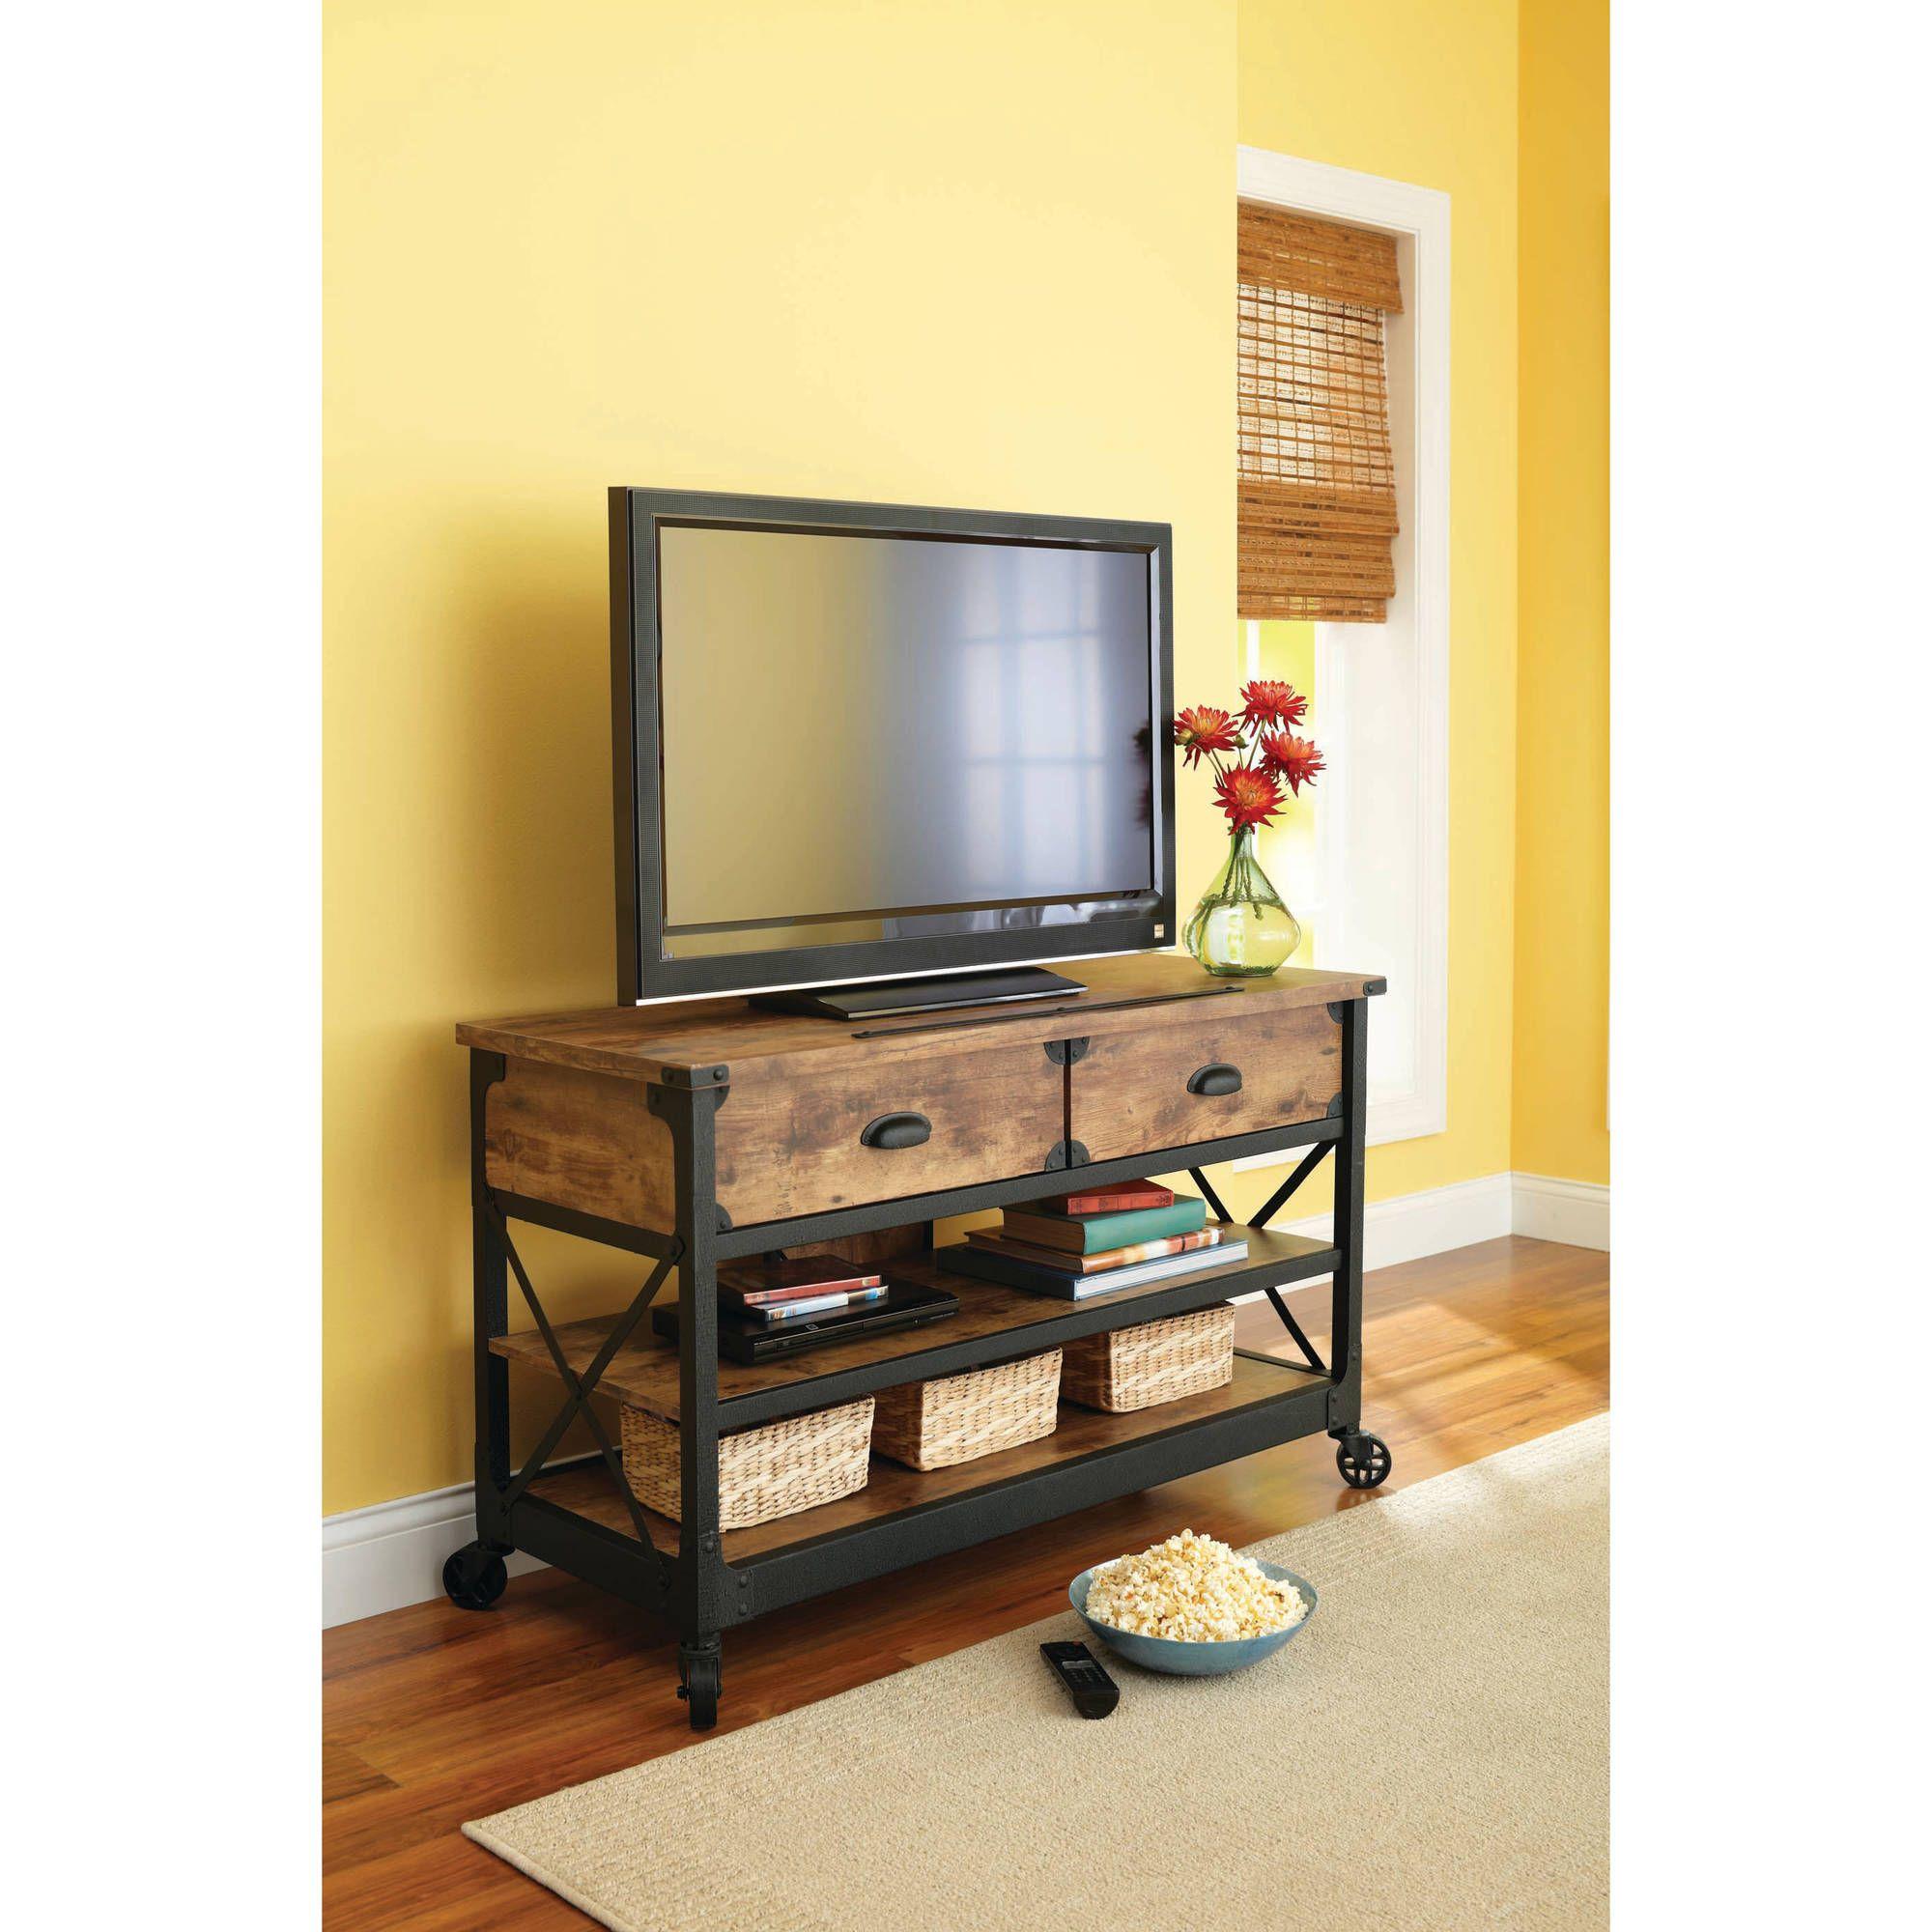 5227a5c420129ba5c3b6b48d09b3e349 - Better Homes And Gardens Tv Stand Rustic